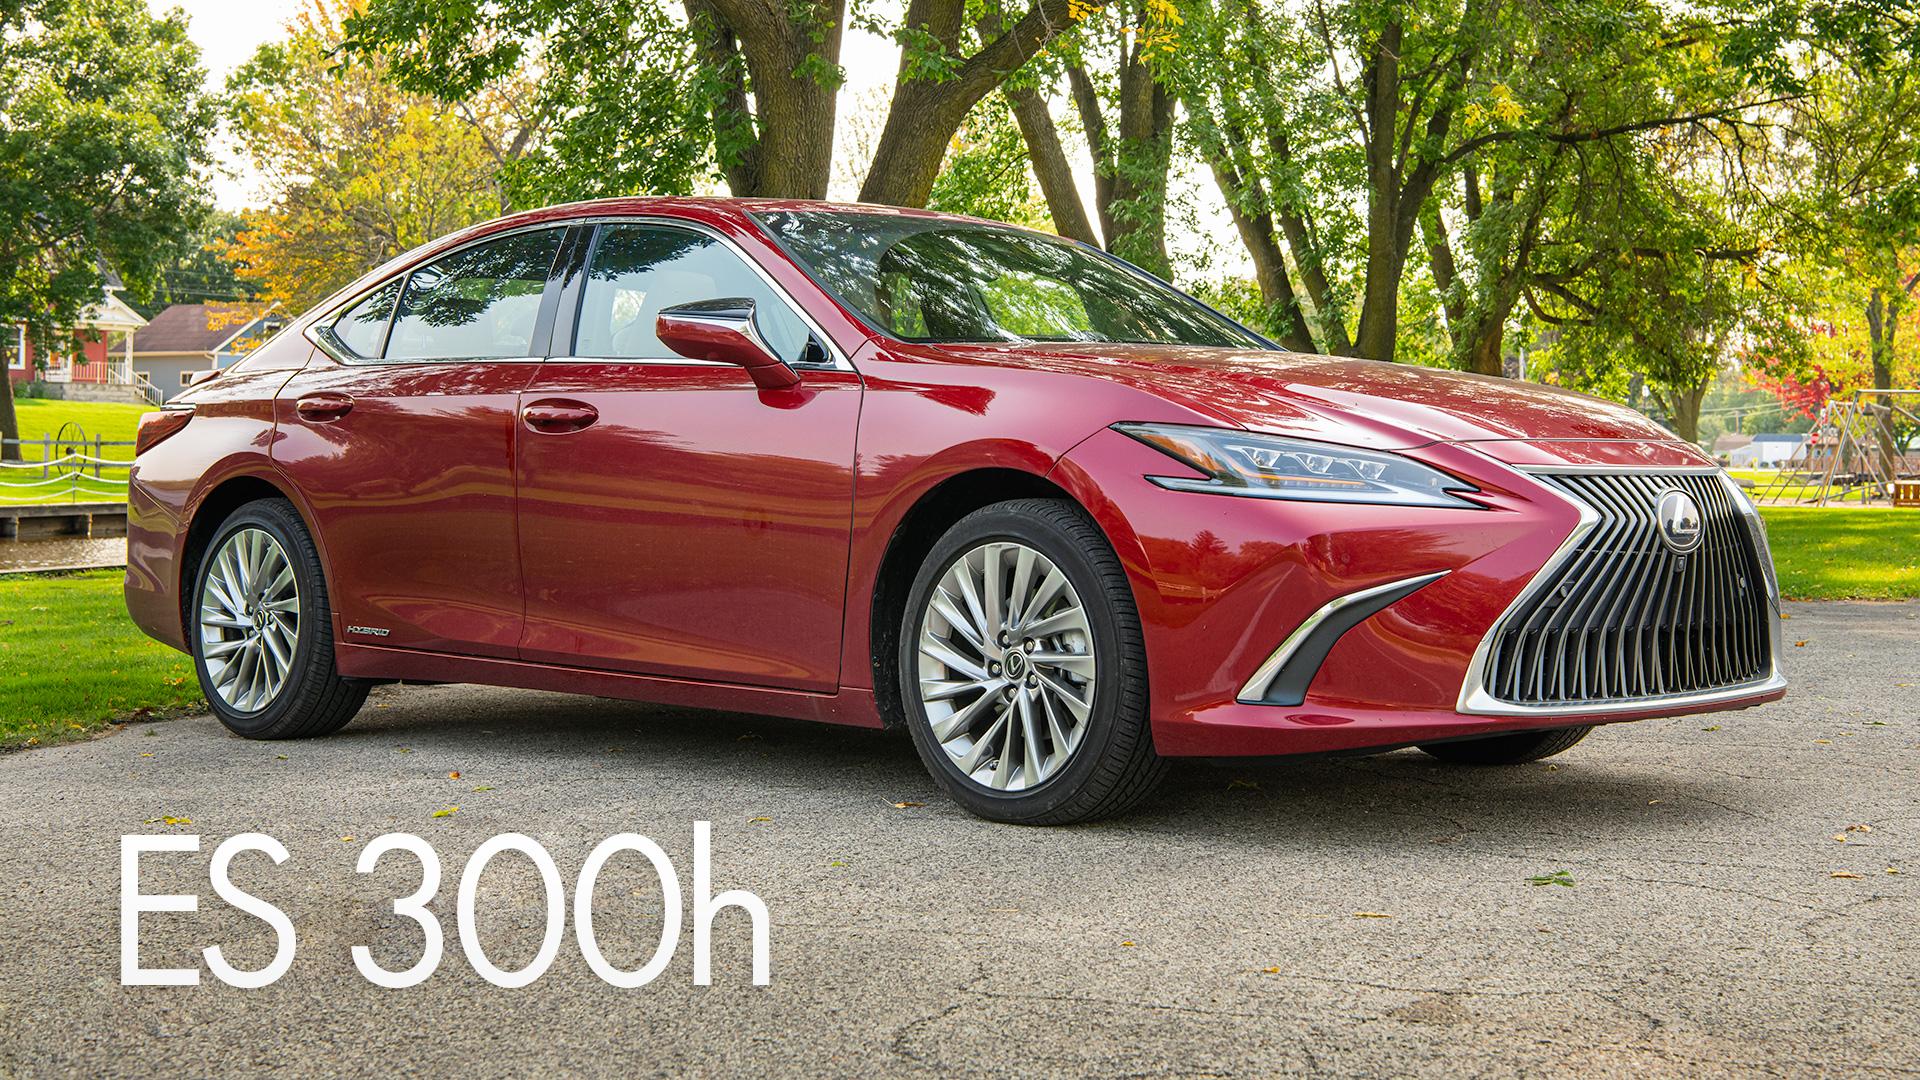 2020 Lexus ES300h